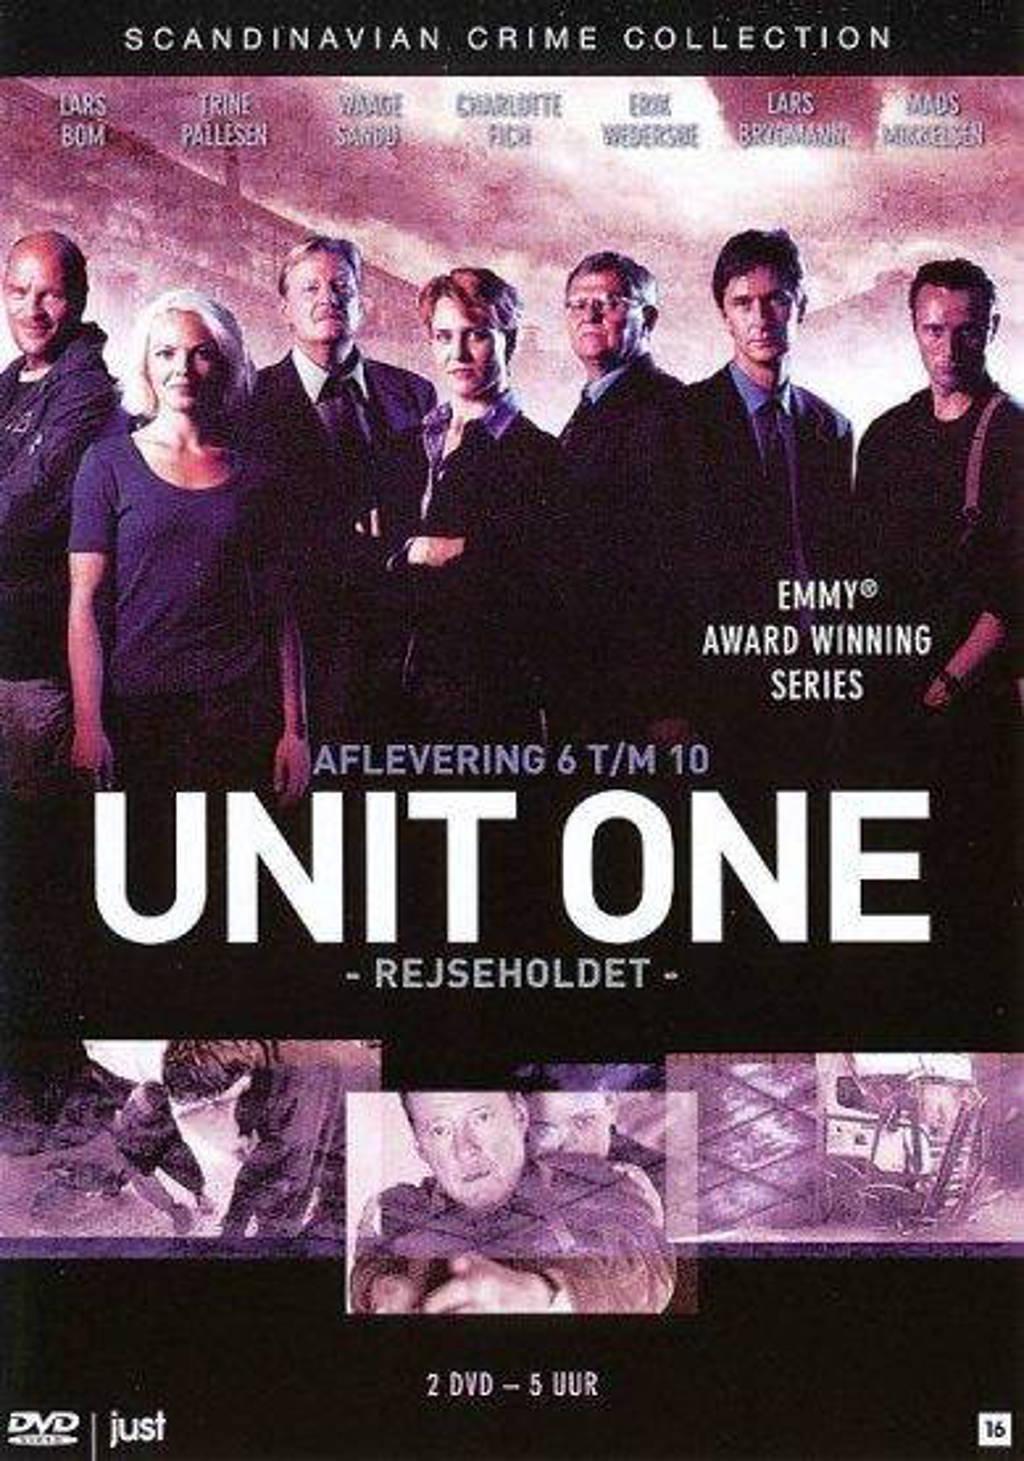 Unit one (Rejseholdet) - afl. 6-10 (DVD)